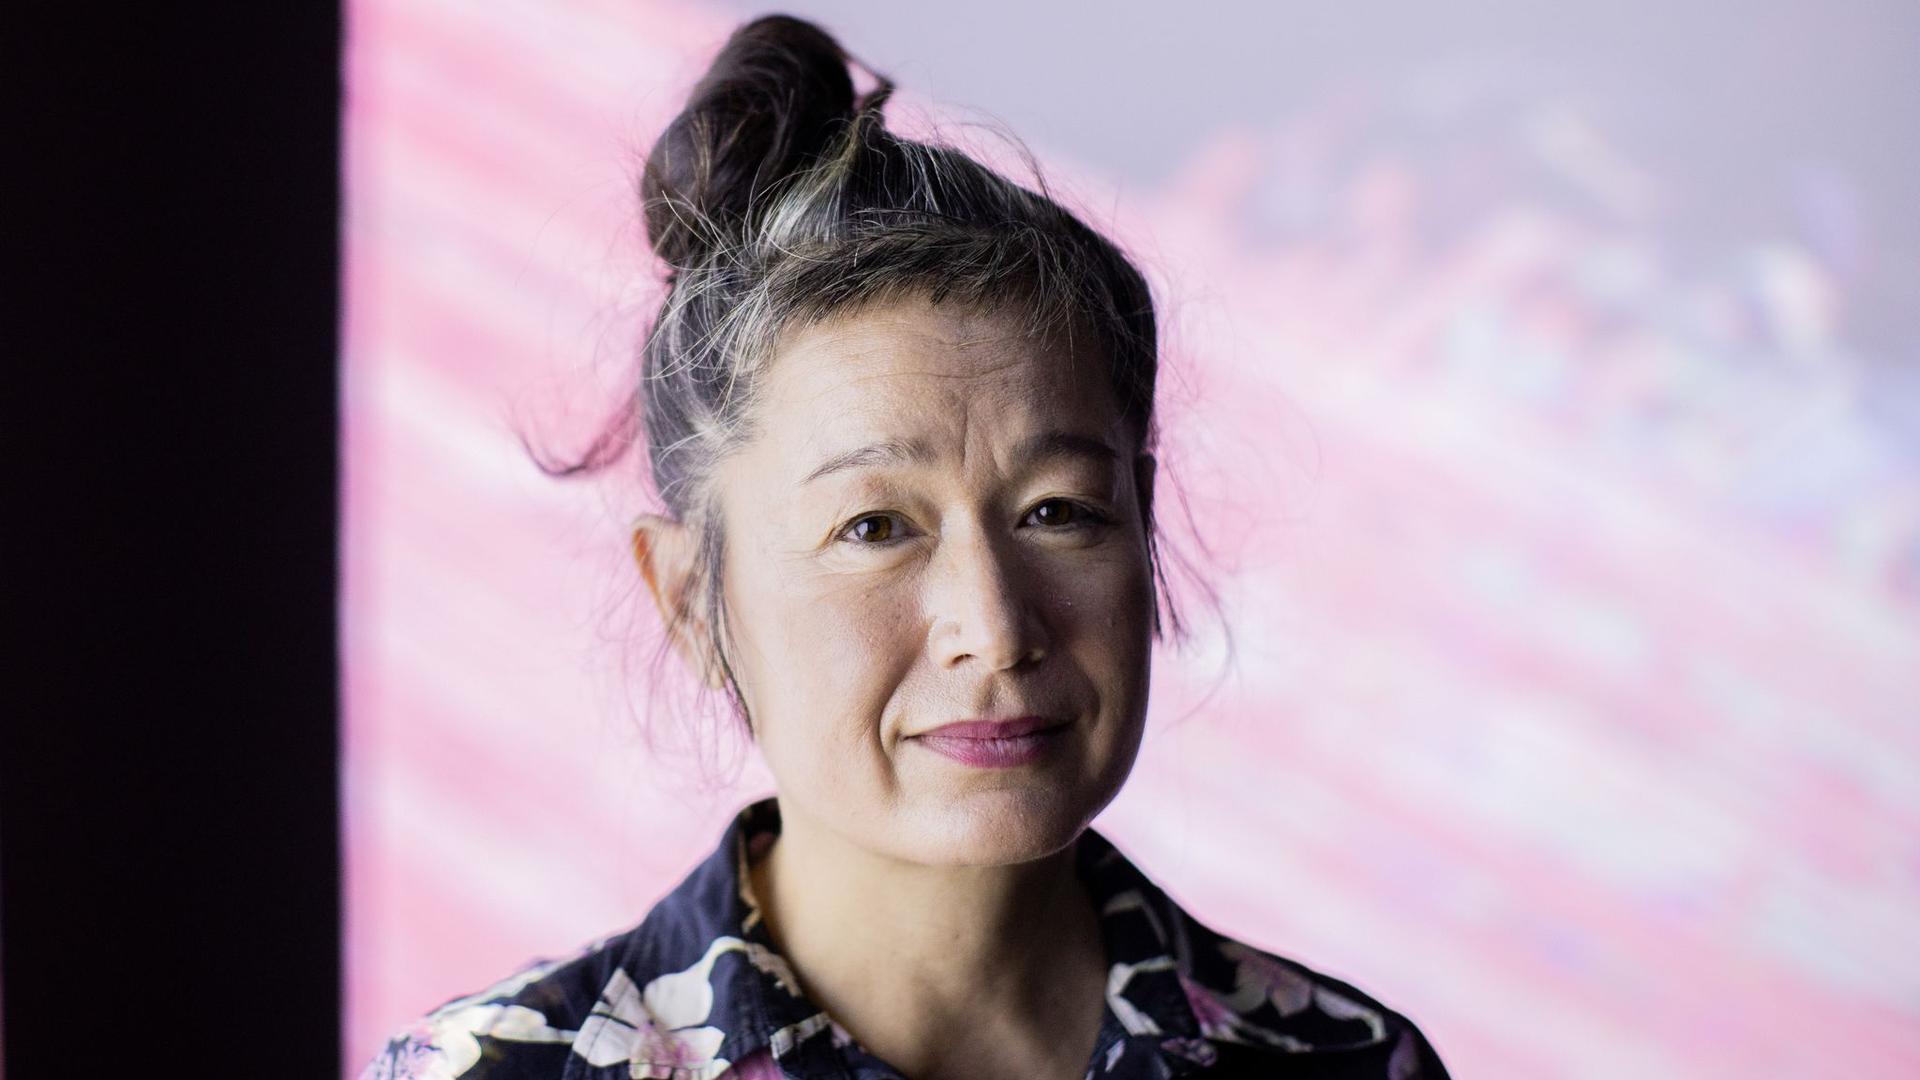 Hito Steyerl gehört zu den international einflussreichsten Medienkünstlerinnen und mischt mit ihren gesellschaftskritischen Installationen den Kunstbetrieb auf.